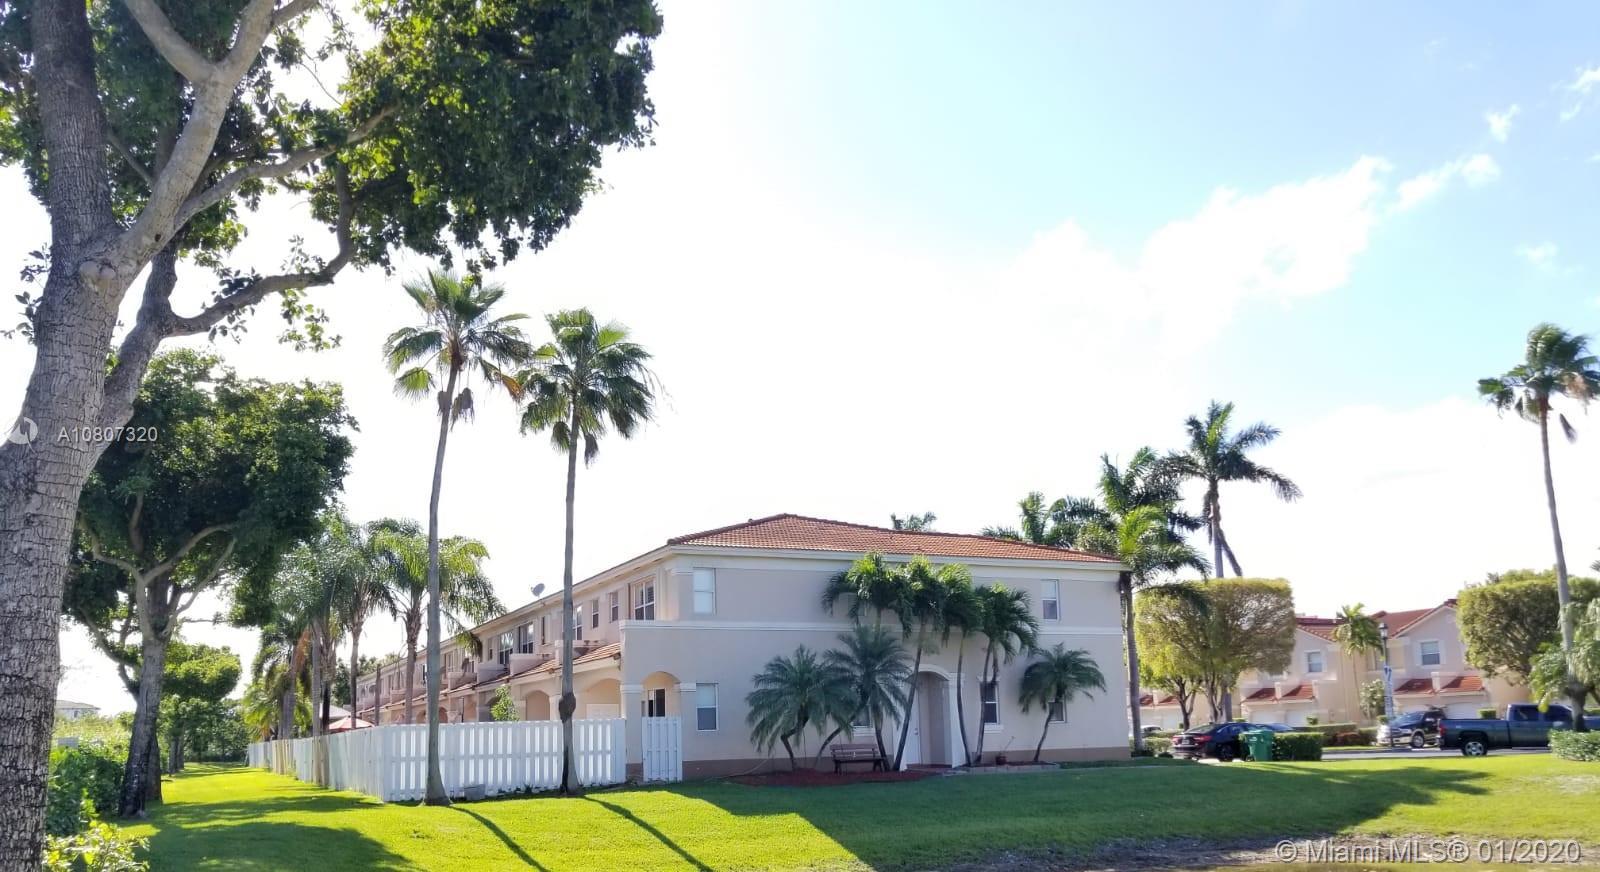 11324 NW 42nd Ter, Doral, FL 33178 - Doral, FL real estate listing